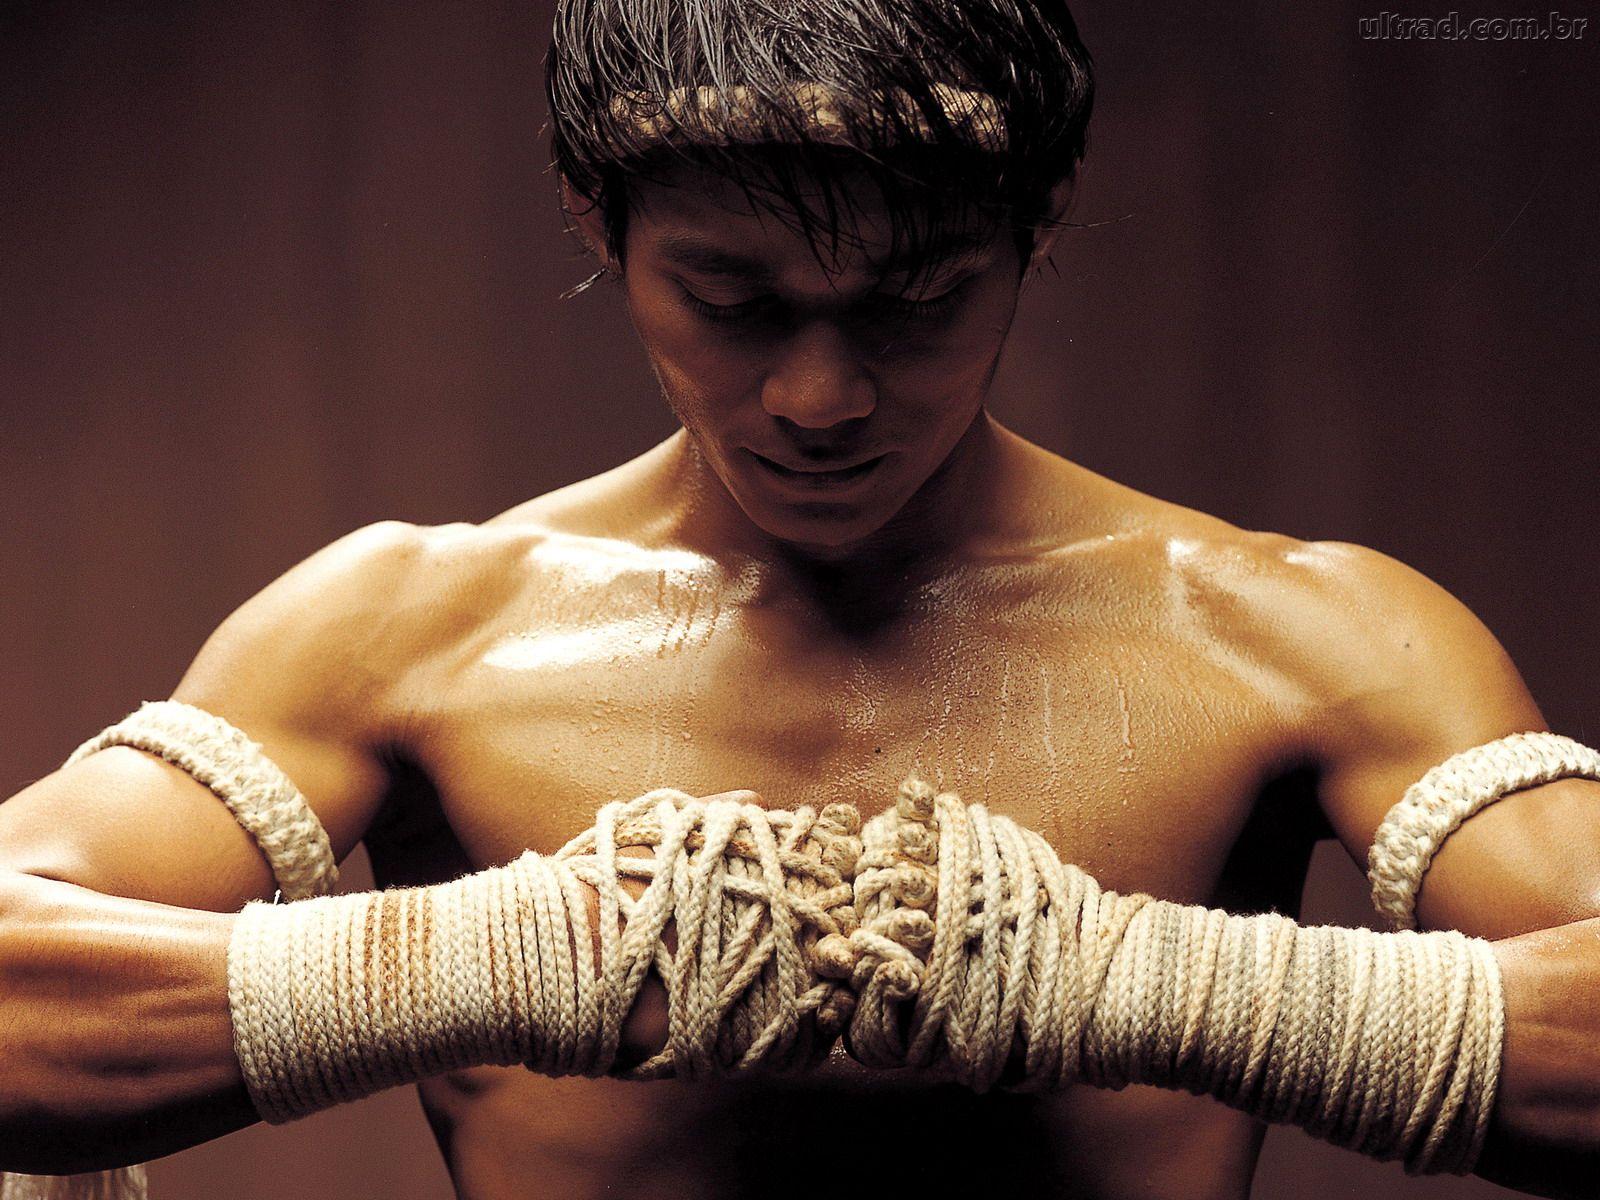 http://4.bp.blogspot.com/-qN7lIR4_9y8/To57vEsQNZI/AAAAAAAAAy4/cUvnLRrSbfw/s1600/113608_Papel-de-Parede-Ong-Bak-Guerreiro-Sagrado-Ong-Bak-Muay-Thai-Warrior--113608_1600x1200.jpg